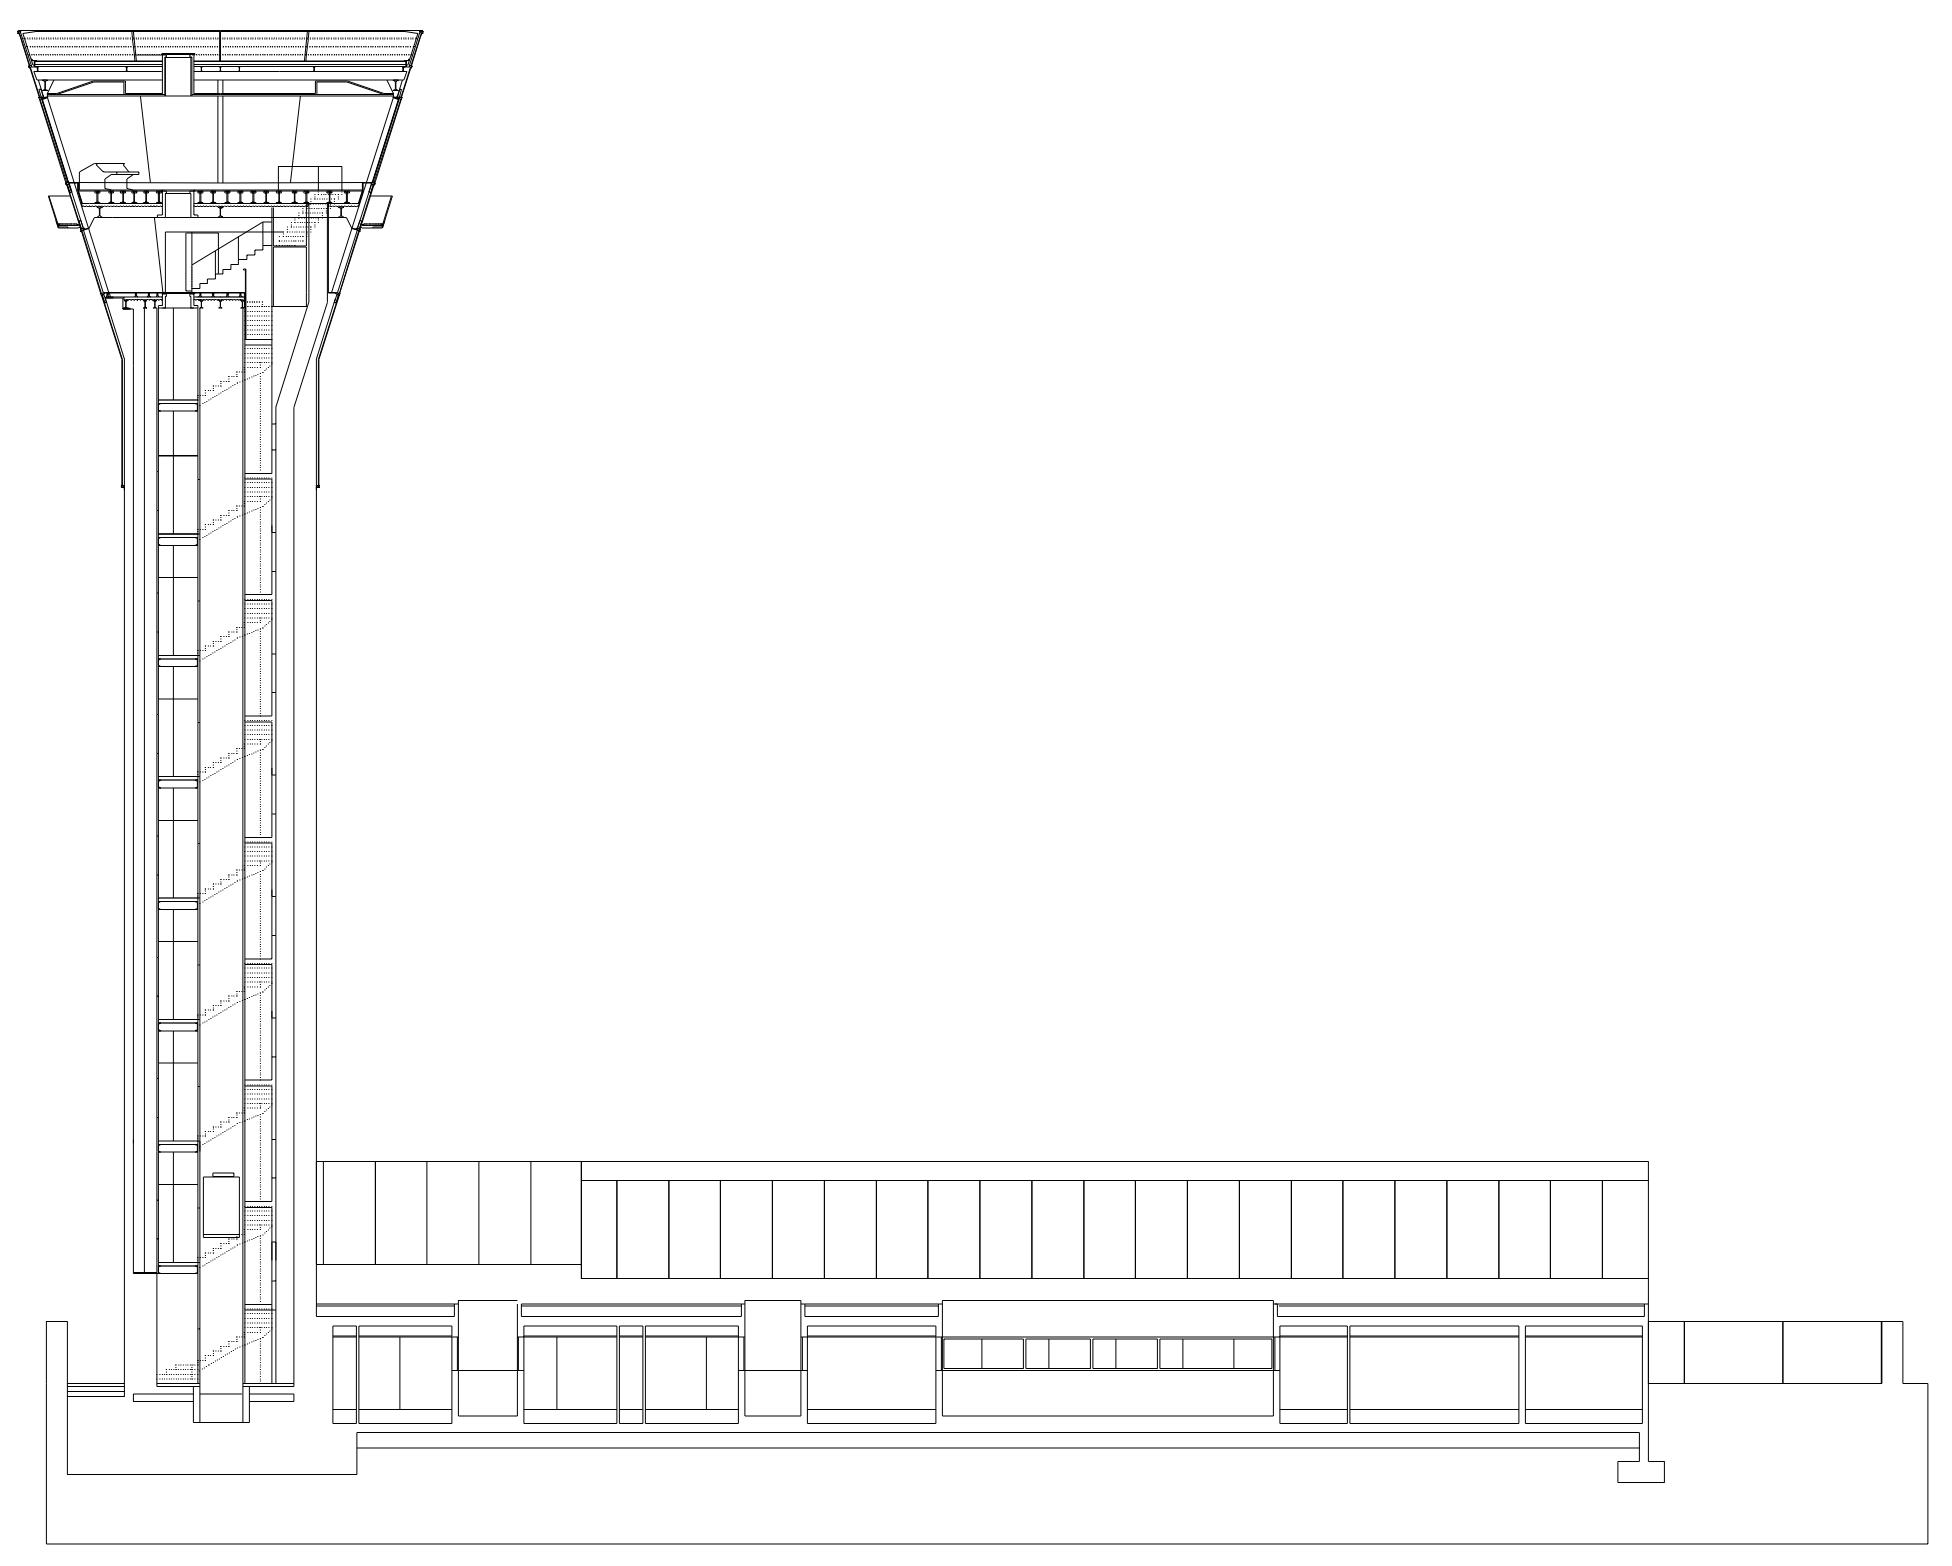 Concurso para la nueva torre y centro de control del Área Terminal de Galicia | Imagen de proyecto5